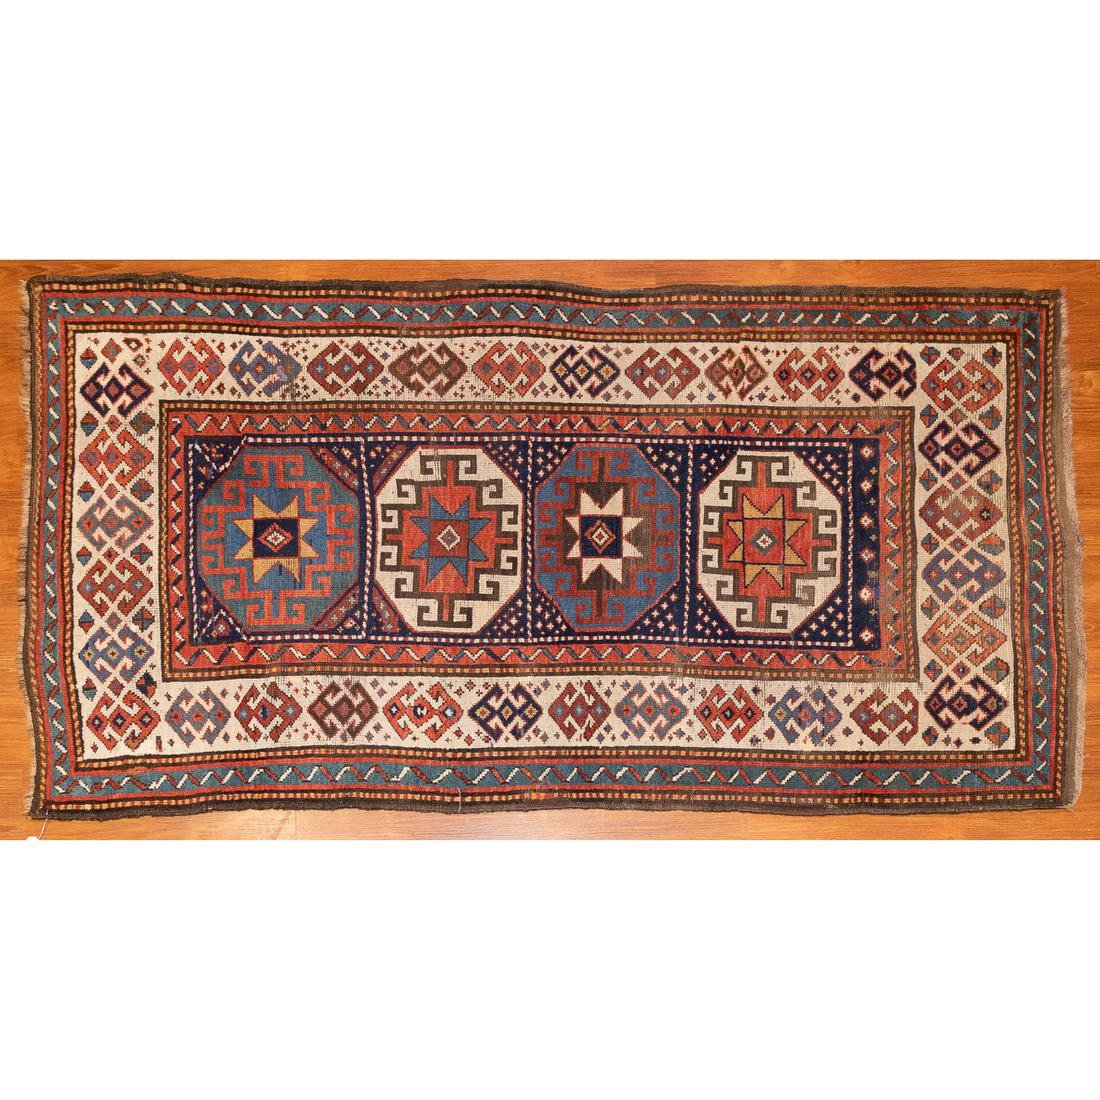 Antique Kazak Rug, Caucasus, 3.10 x 7.1